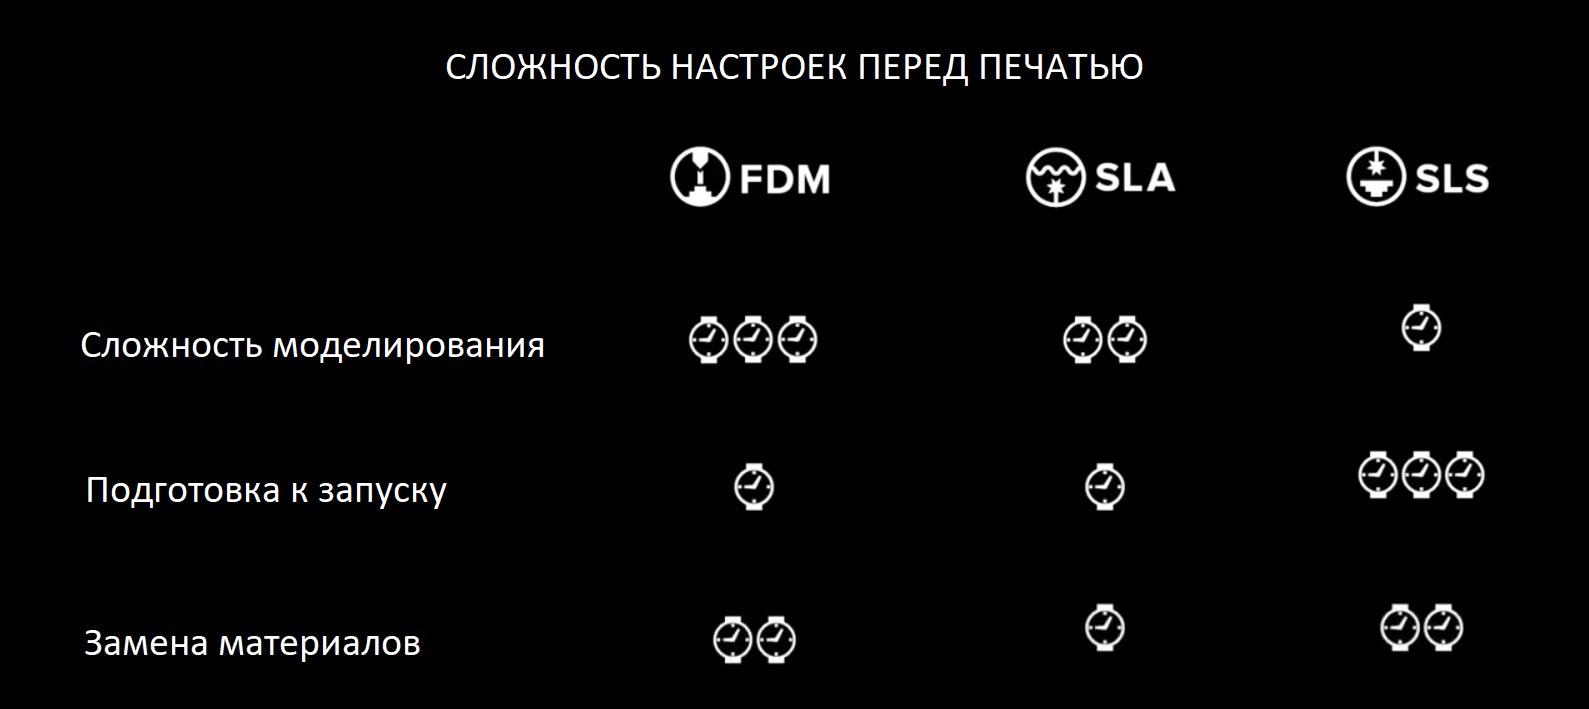 Сравнение сложности подготовки к 3D печати FDM, SLA, SLS